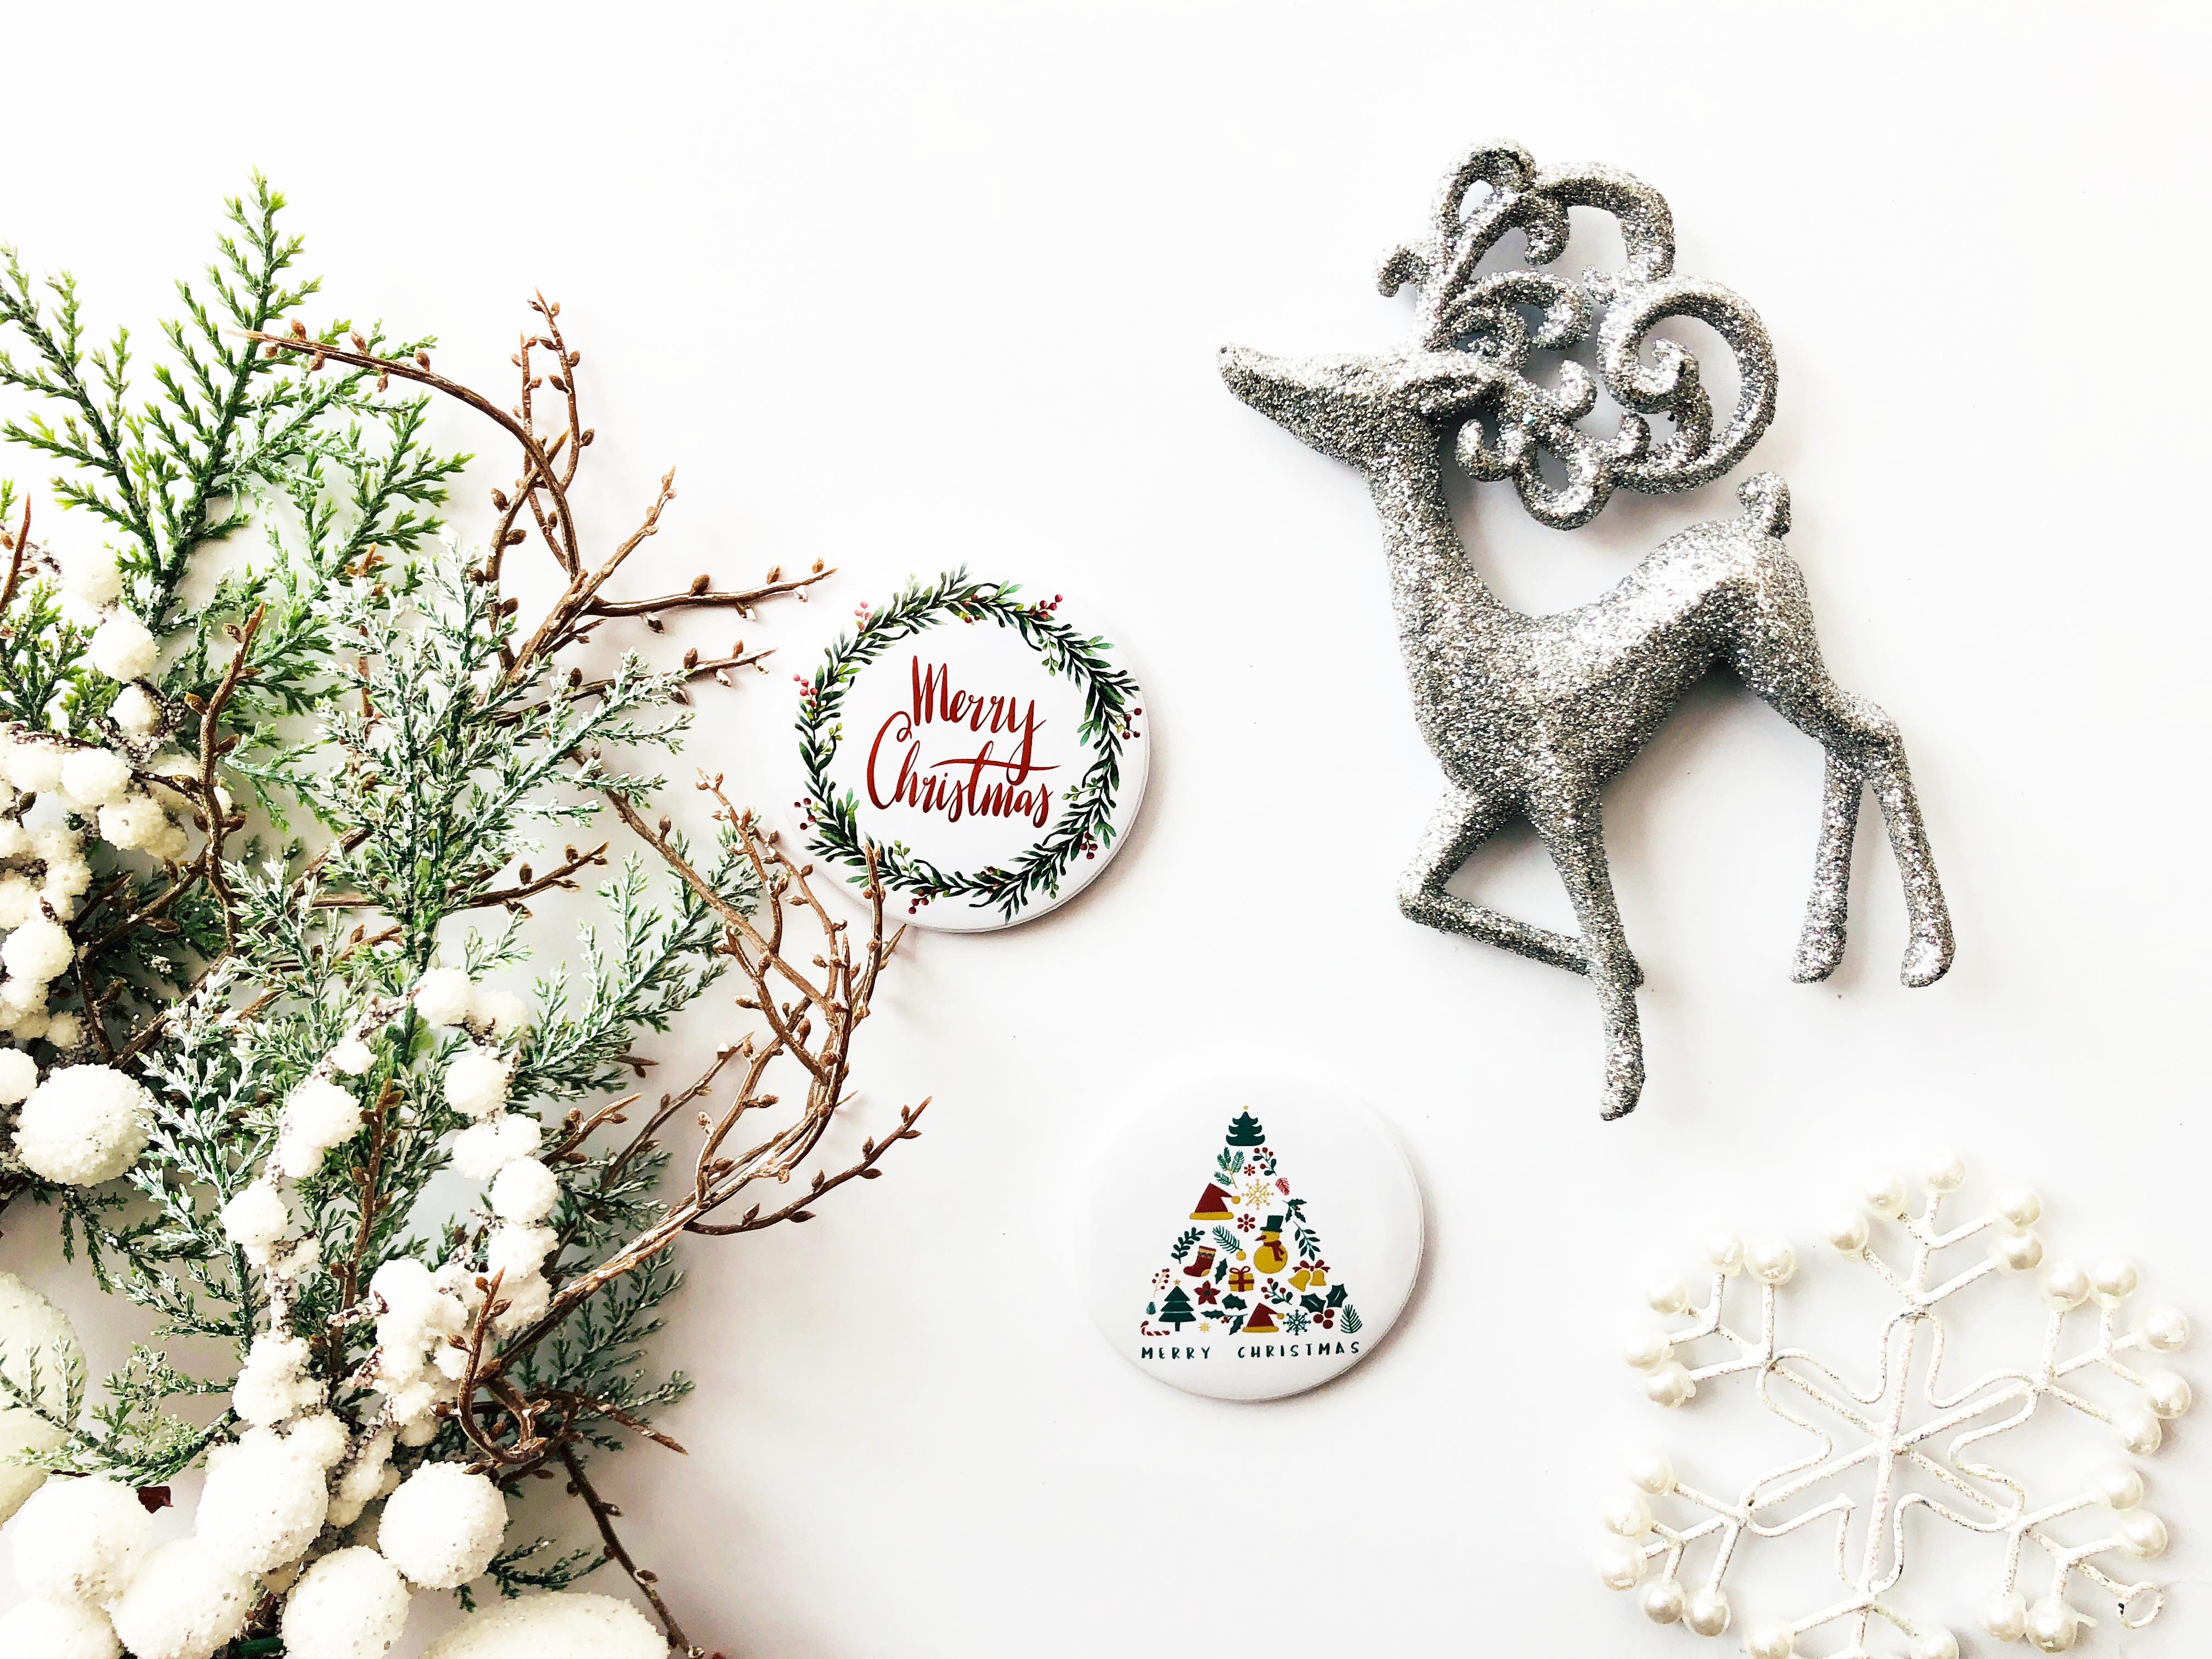 Życzenia świąteczne-przypinki świąteczne